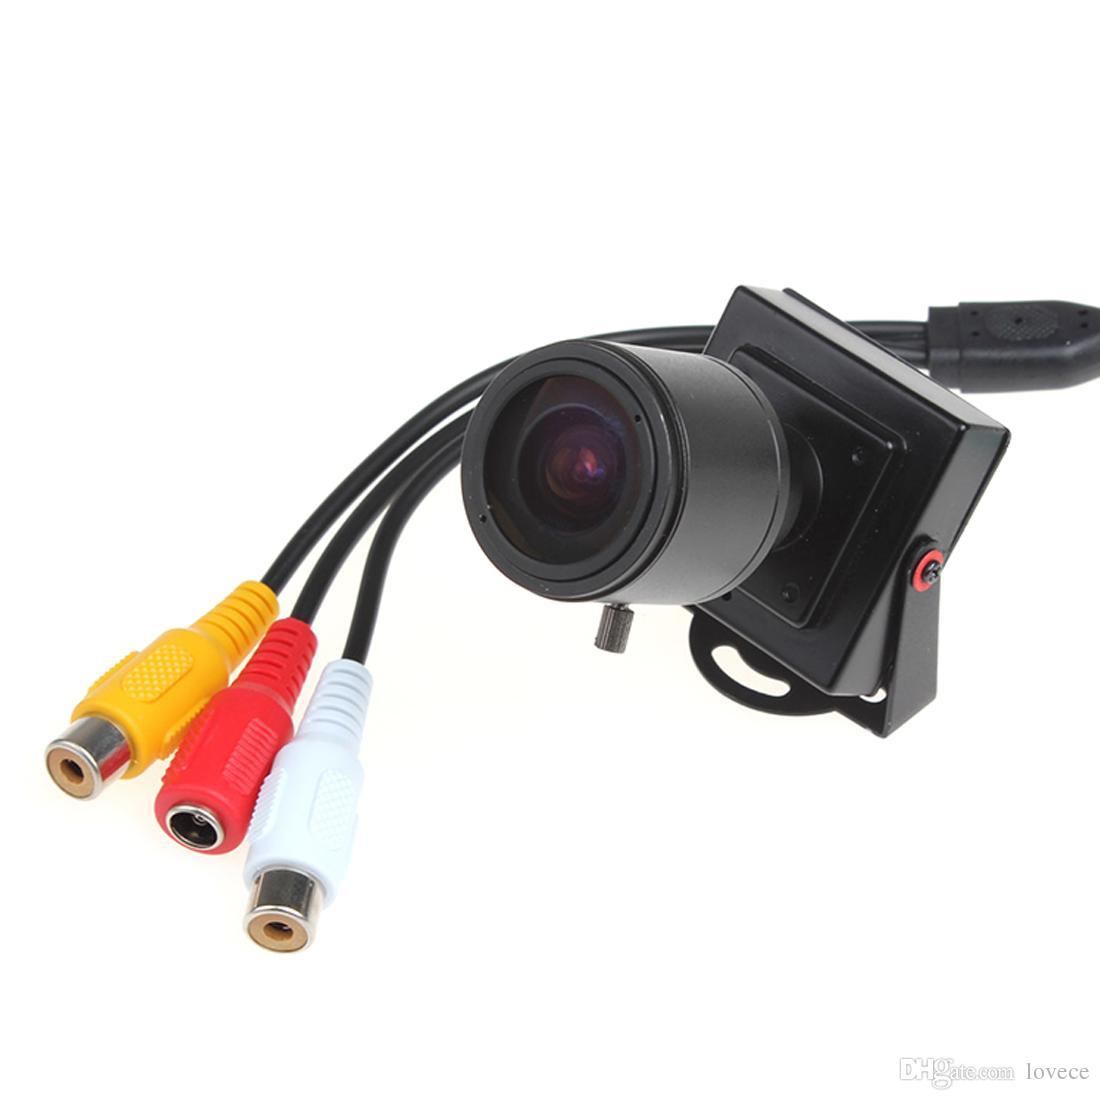 2.8-12mm Manual Lens Mini HD 700TVL 1/3 CMOS Security Audio Video Color CCTV Camera CCT_535